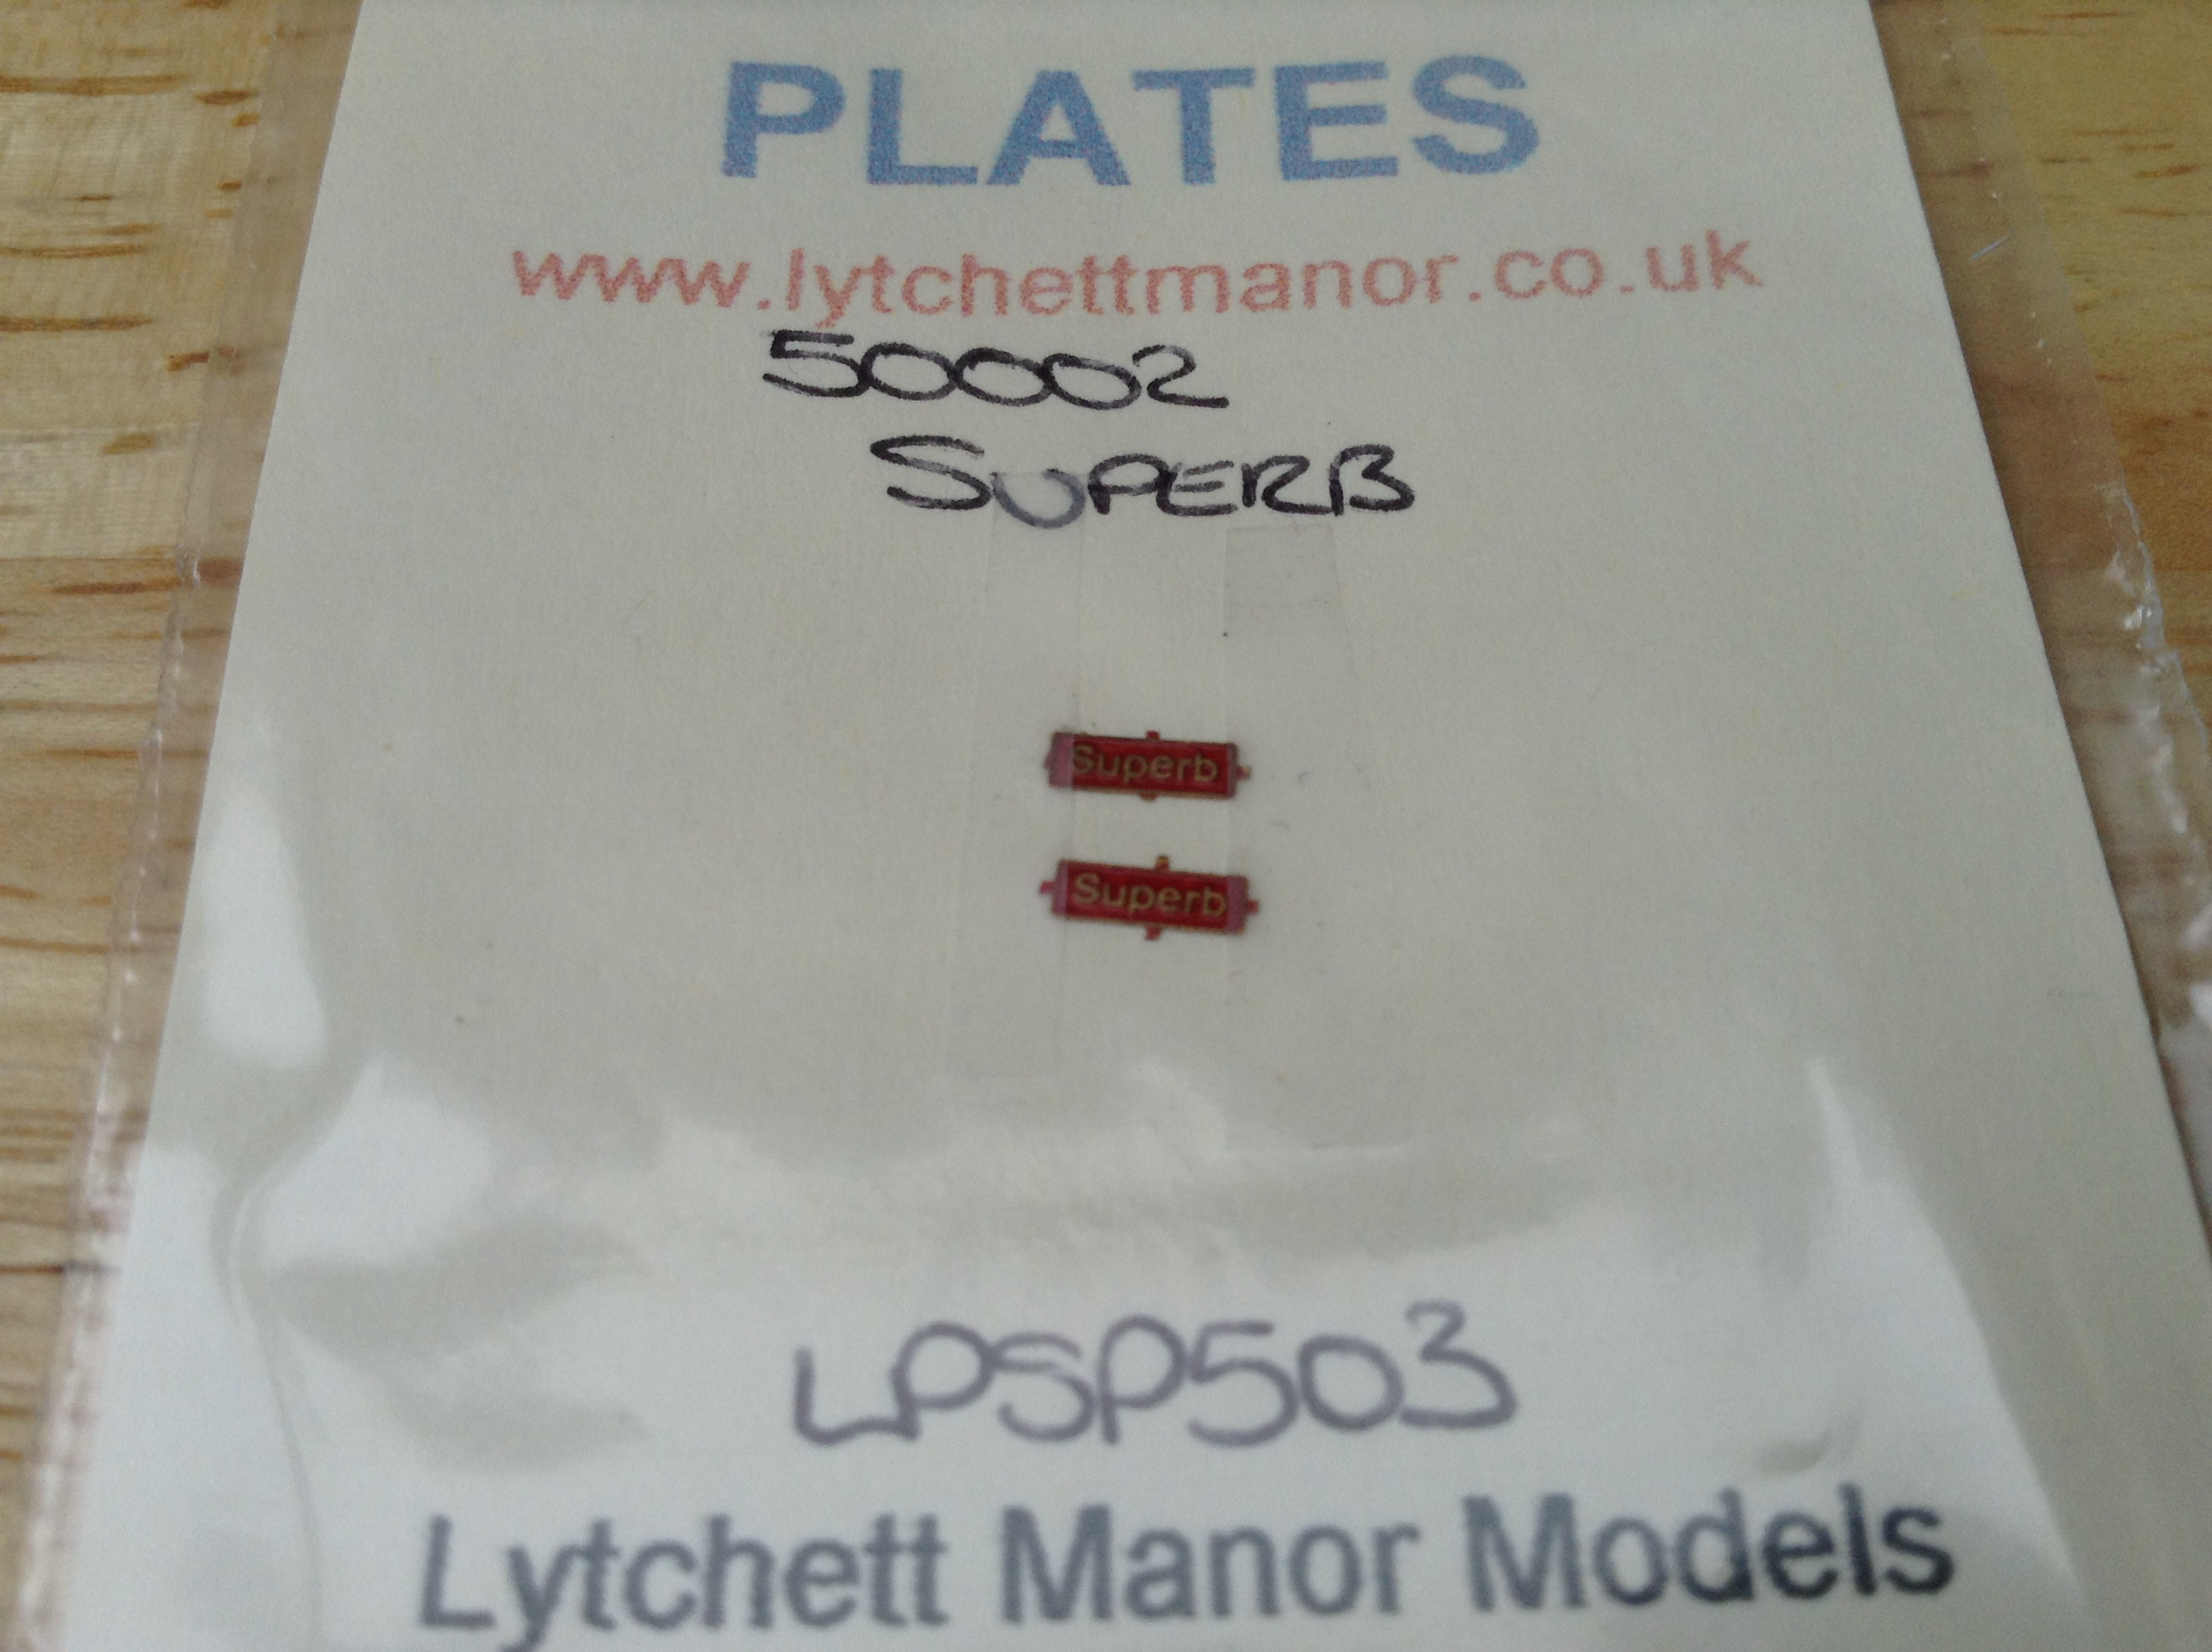 LPSP503